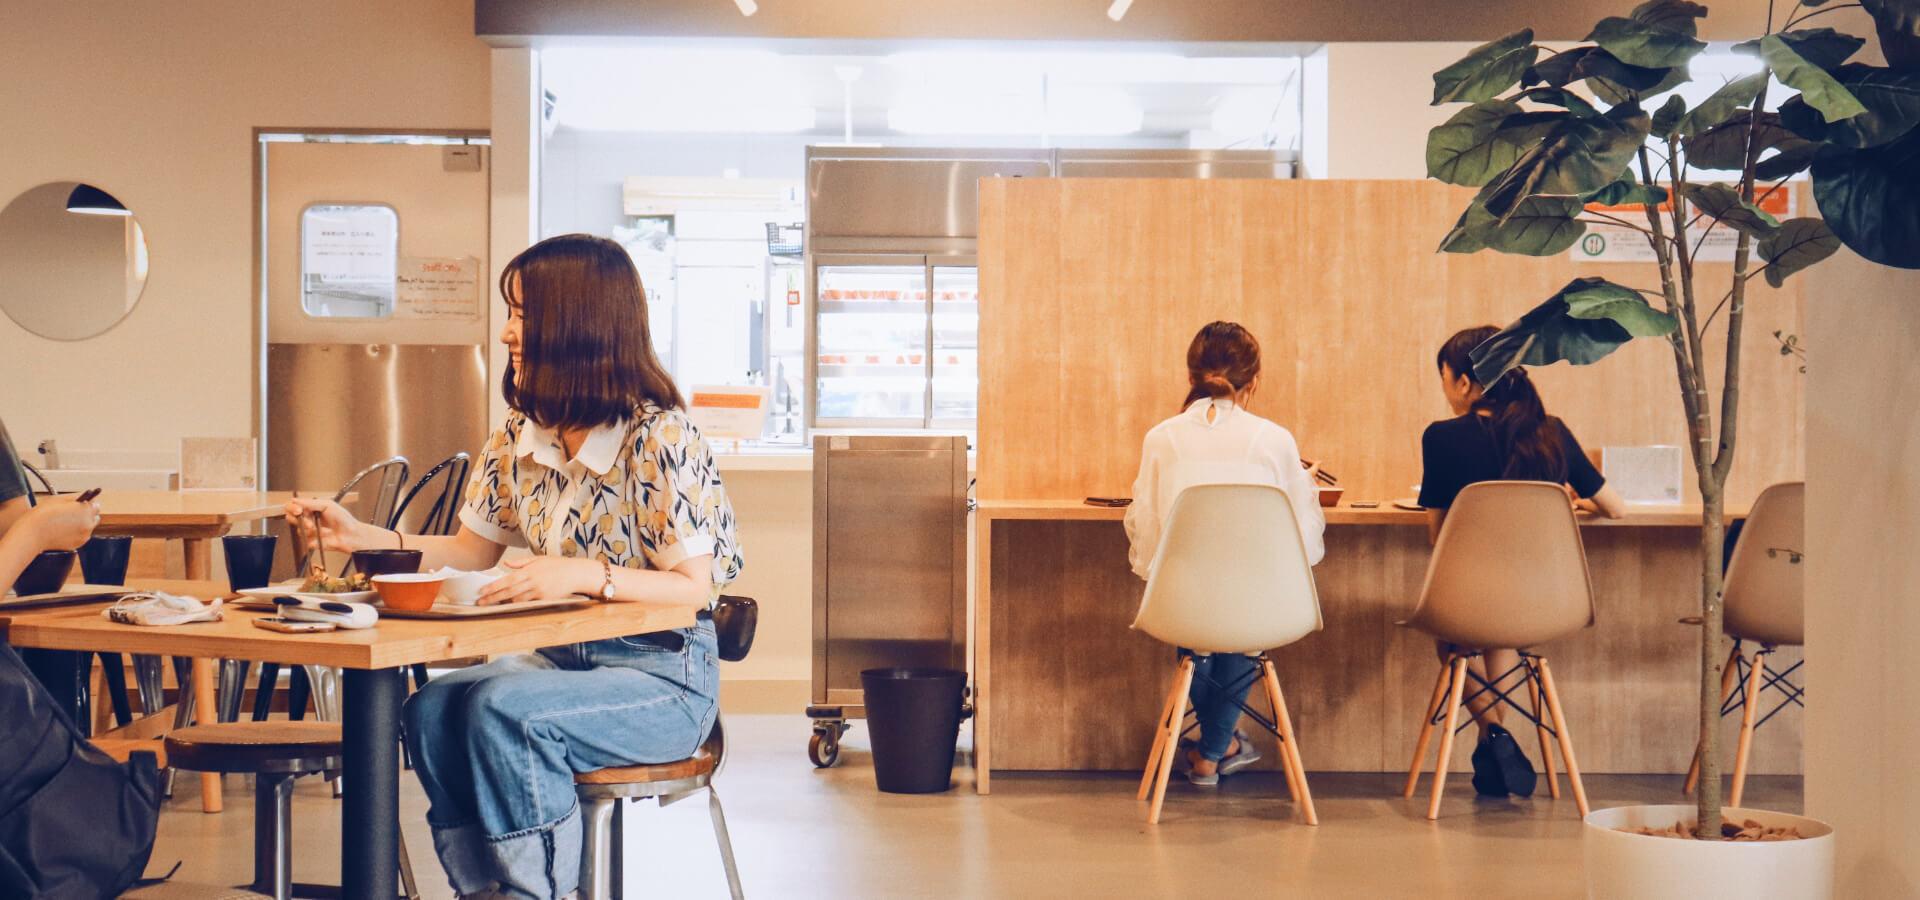 コンセプト 宅都プロパティ大阪学生向けマンション総合サイト|studentroom